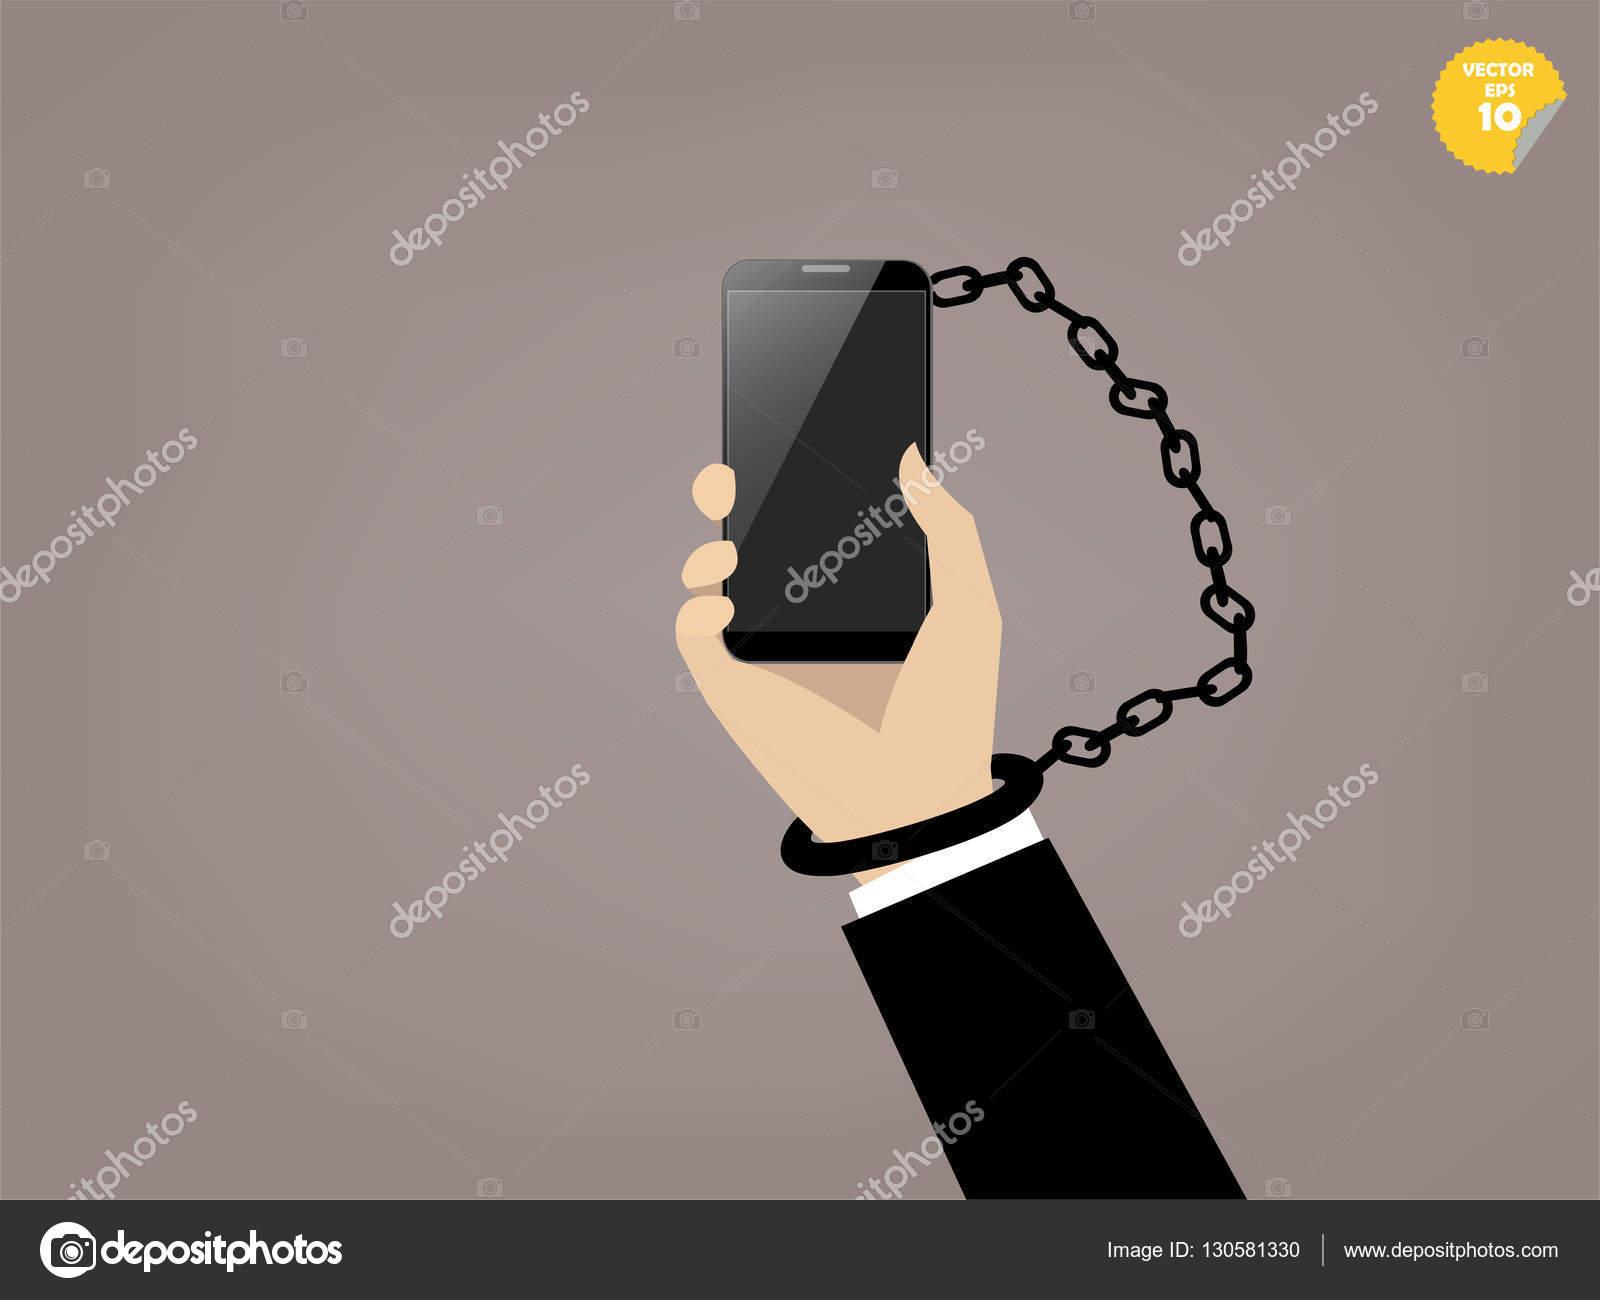 schöne Grafik-Design von Smartphone sucht, Hand angekettet mit ...